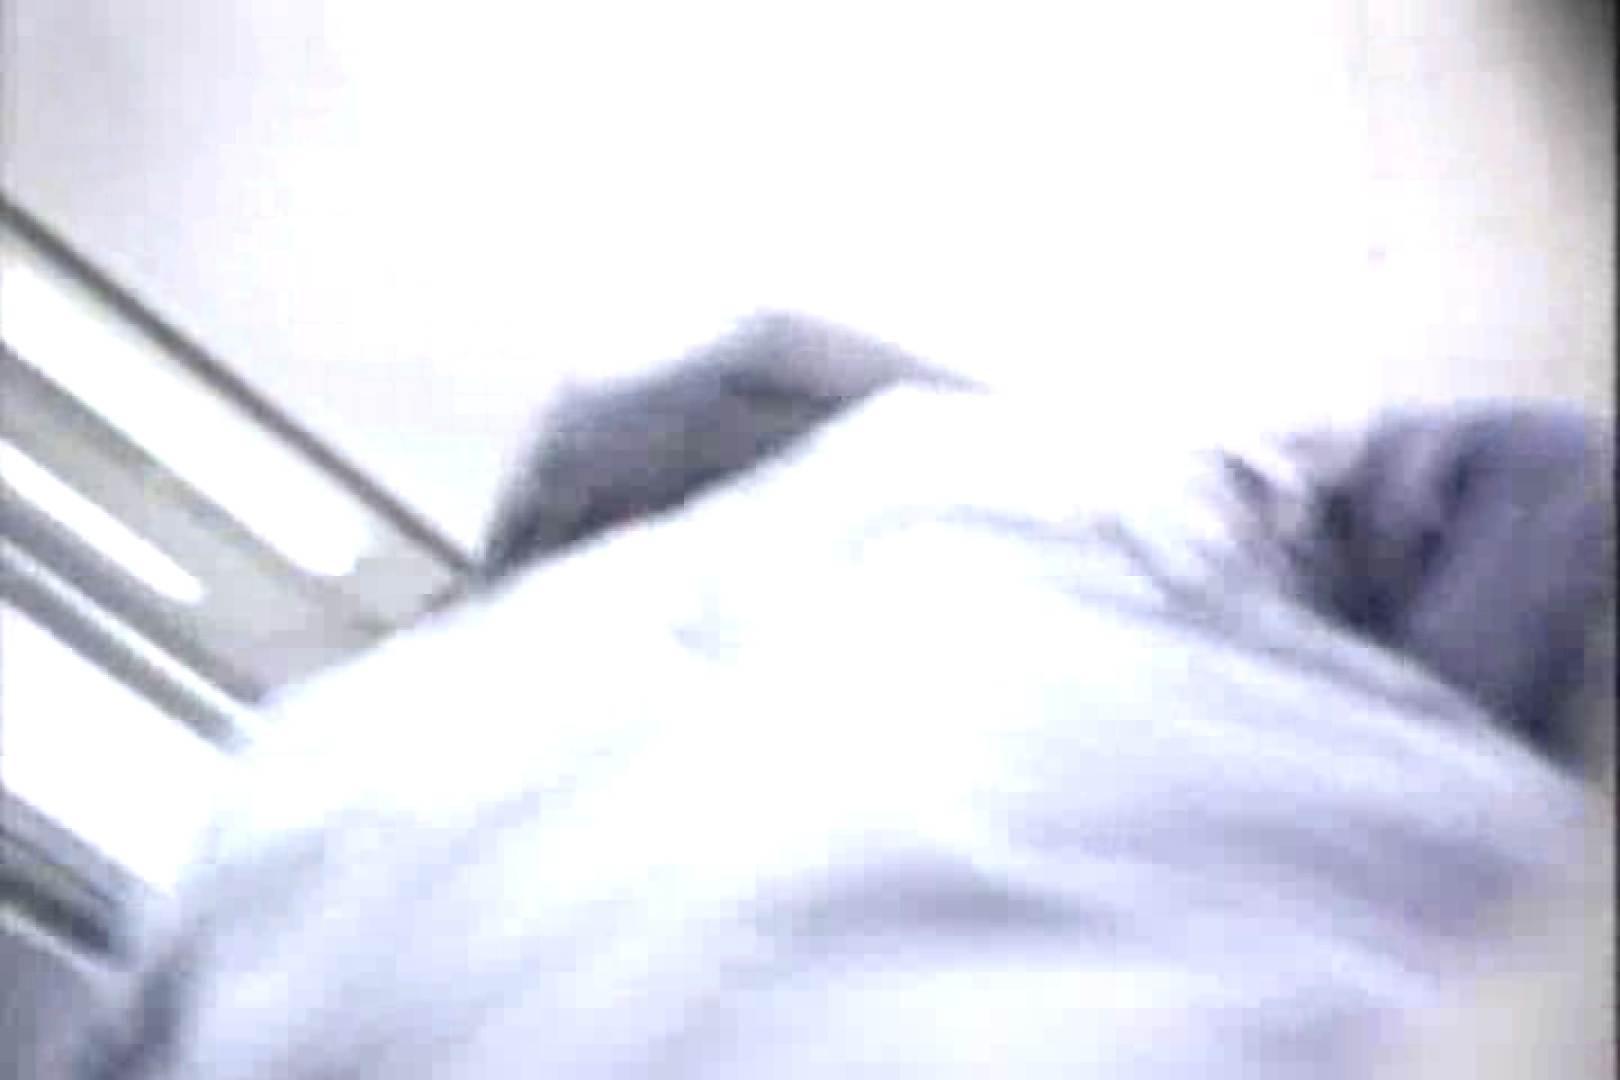 投稿盗撮 女子の下着の考察TK-043 制服  57画像 24